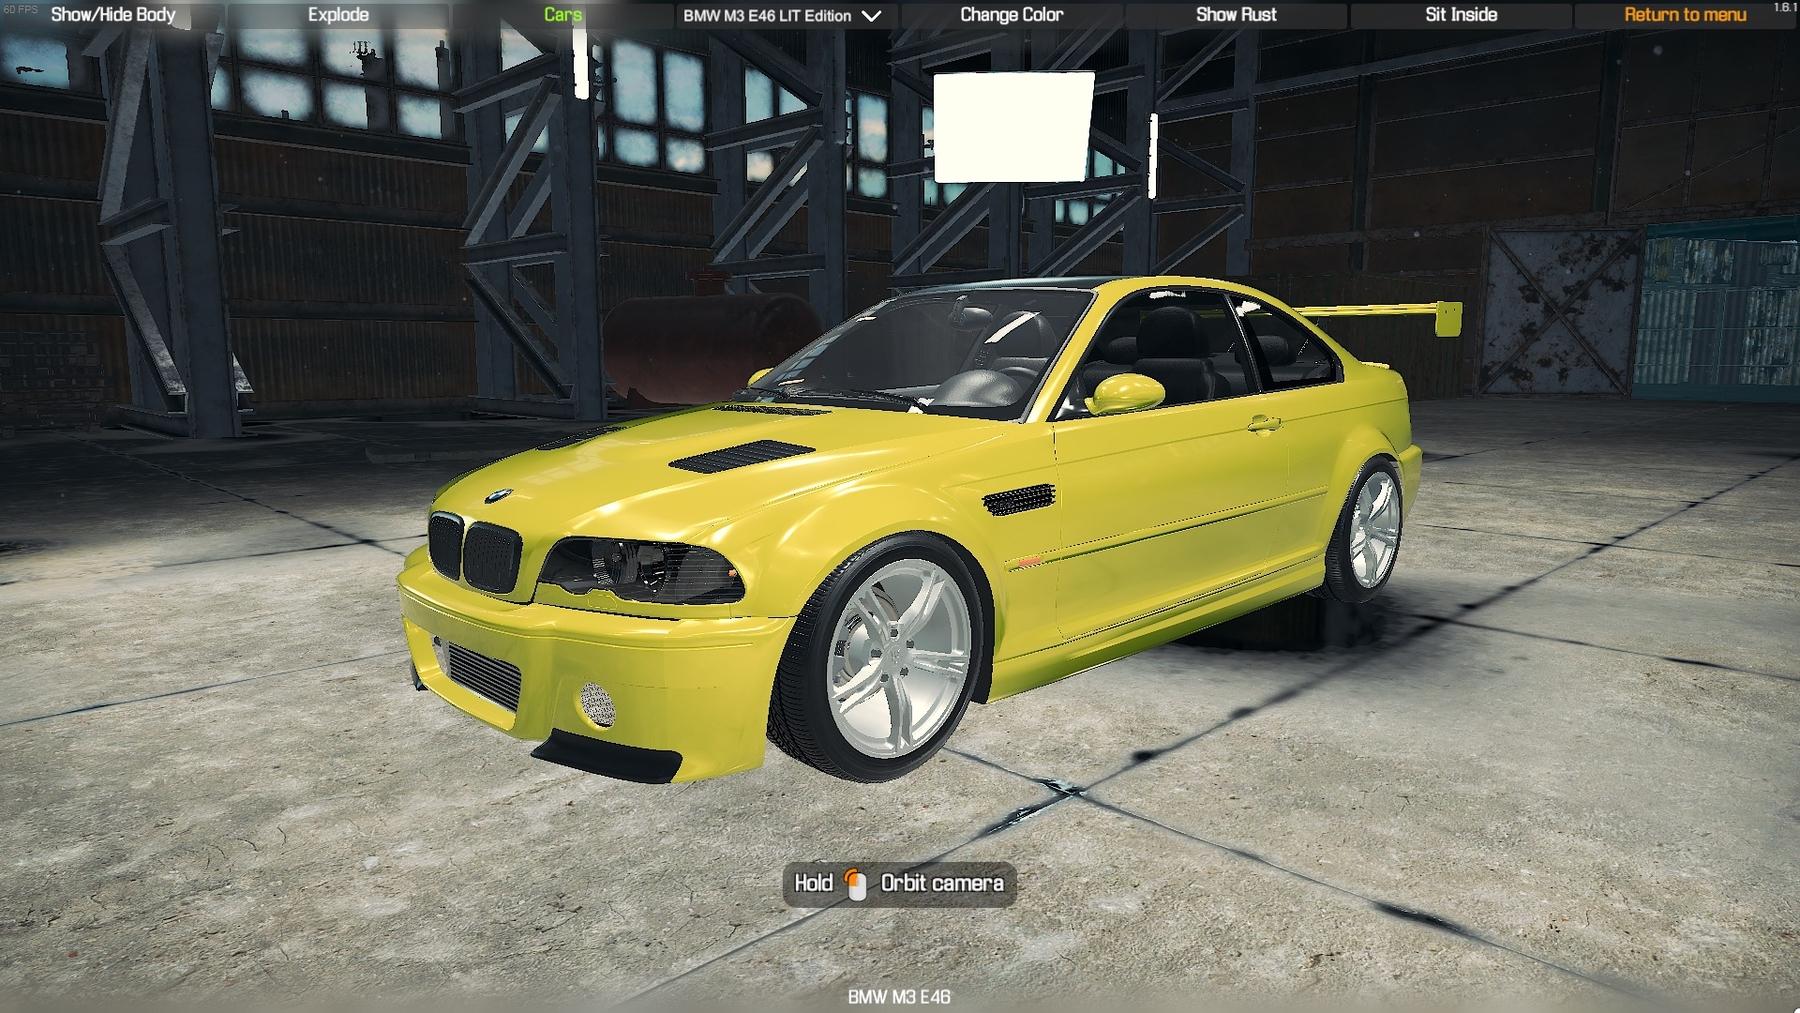 2003 Bmw M3 E46 Cms 2018 Cars Car Mechanic Simulator 2018 Mods Mods For Games Community Modsgaming Us